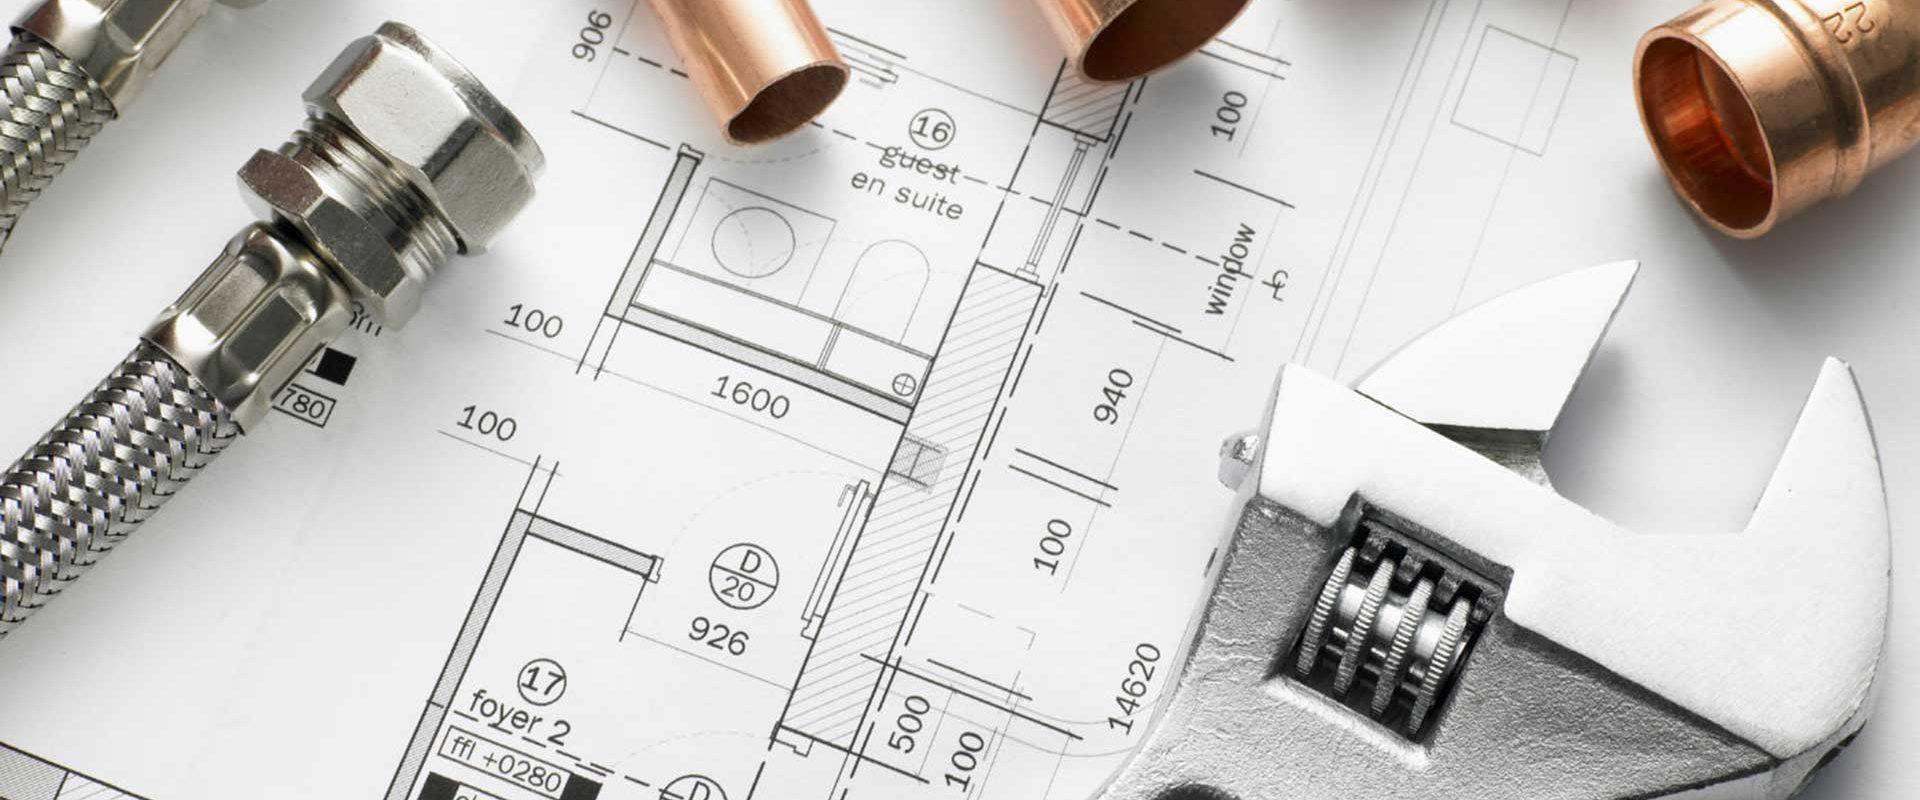 rekonstrukcija-vertikala-horizontala-vodoinstalater-kragujevac